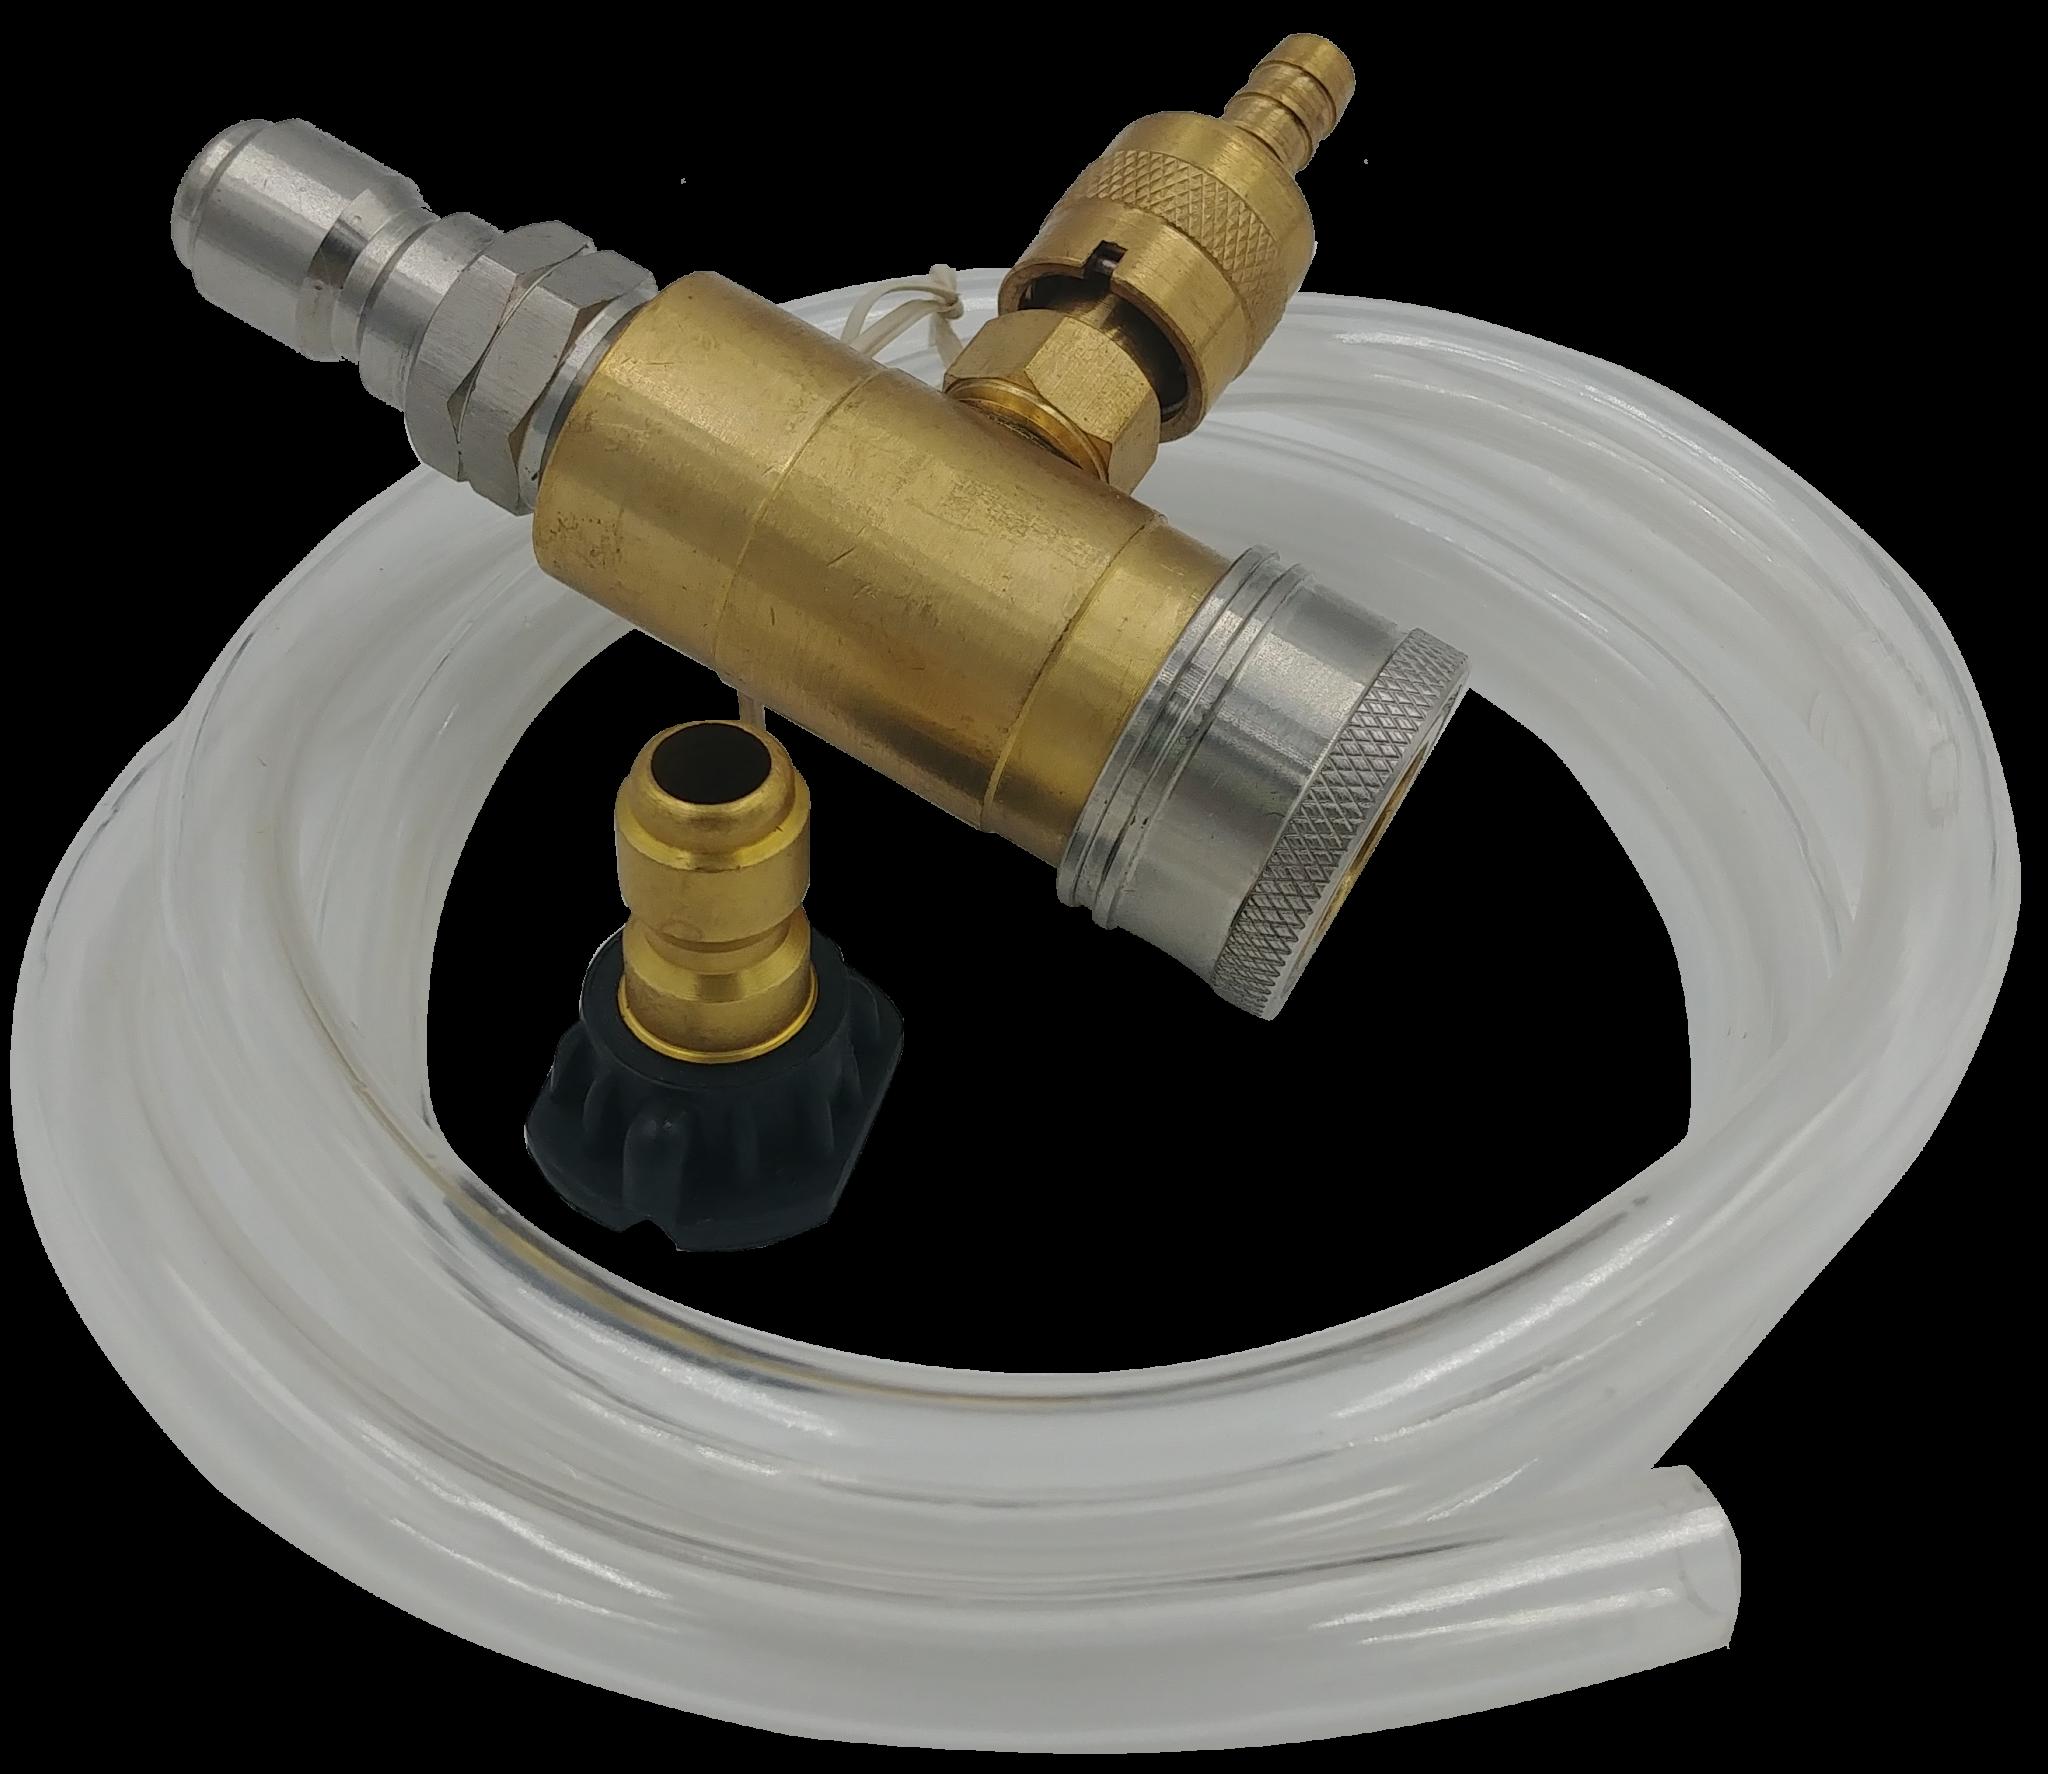 INJ-QC3835AB - Injecteur de produits chimiques Image